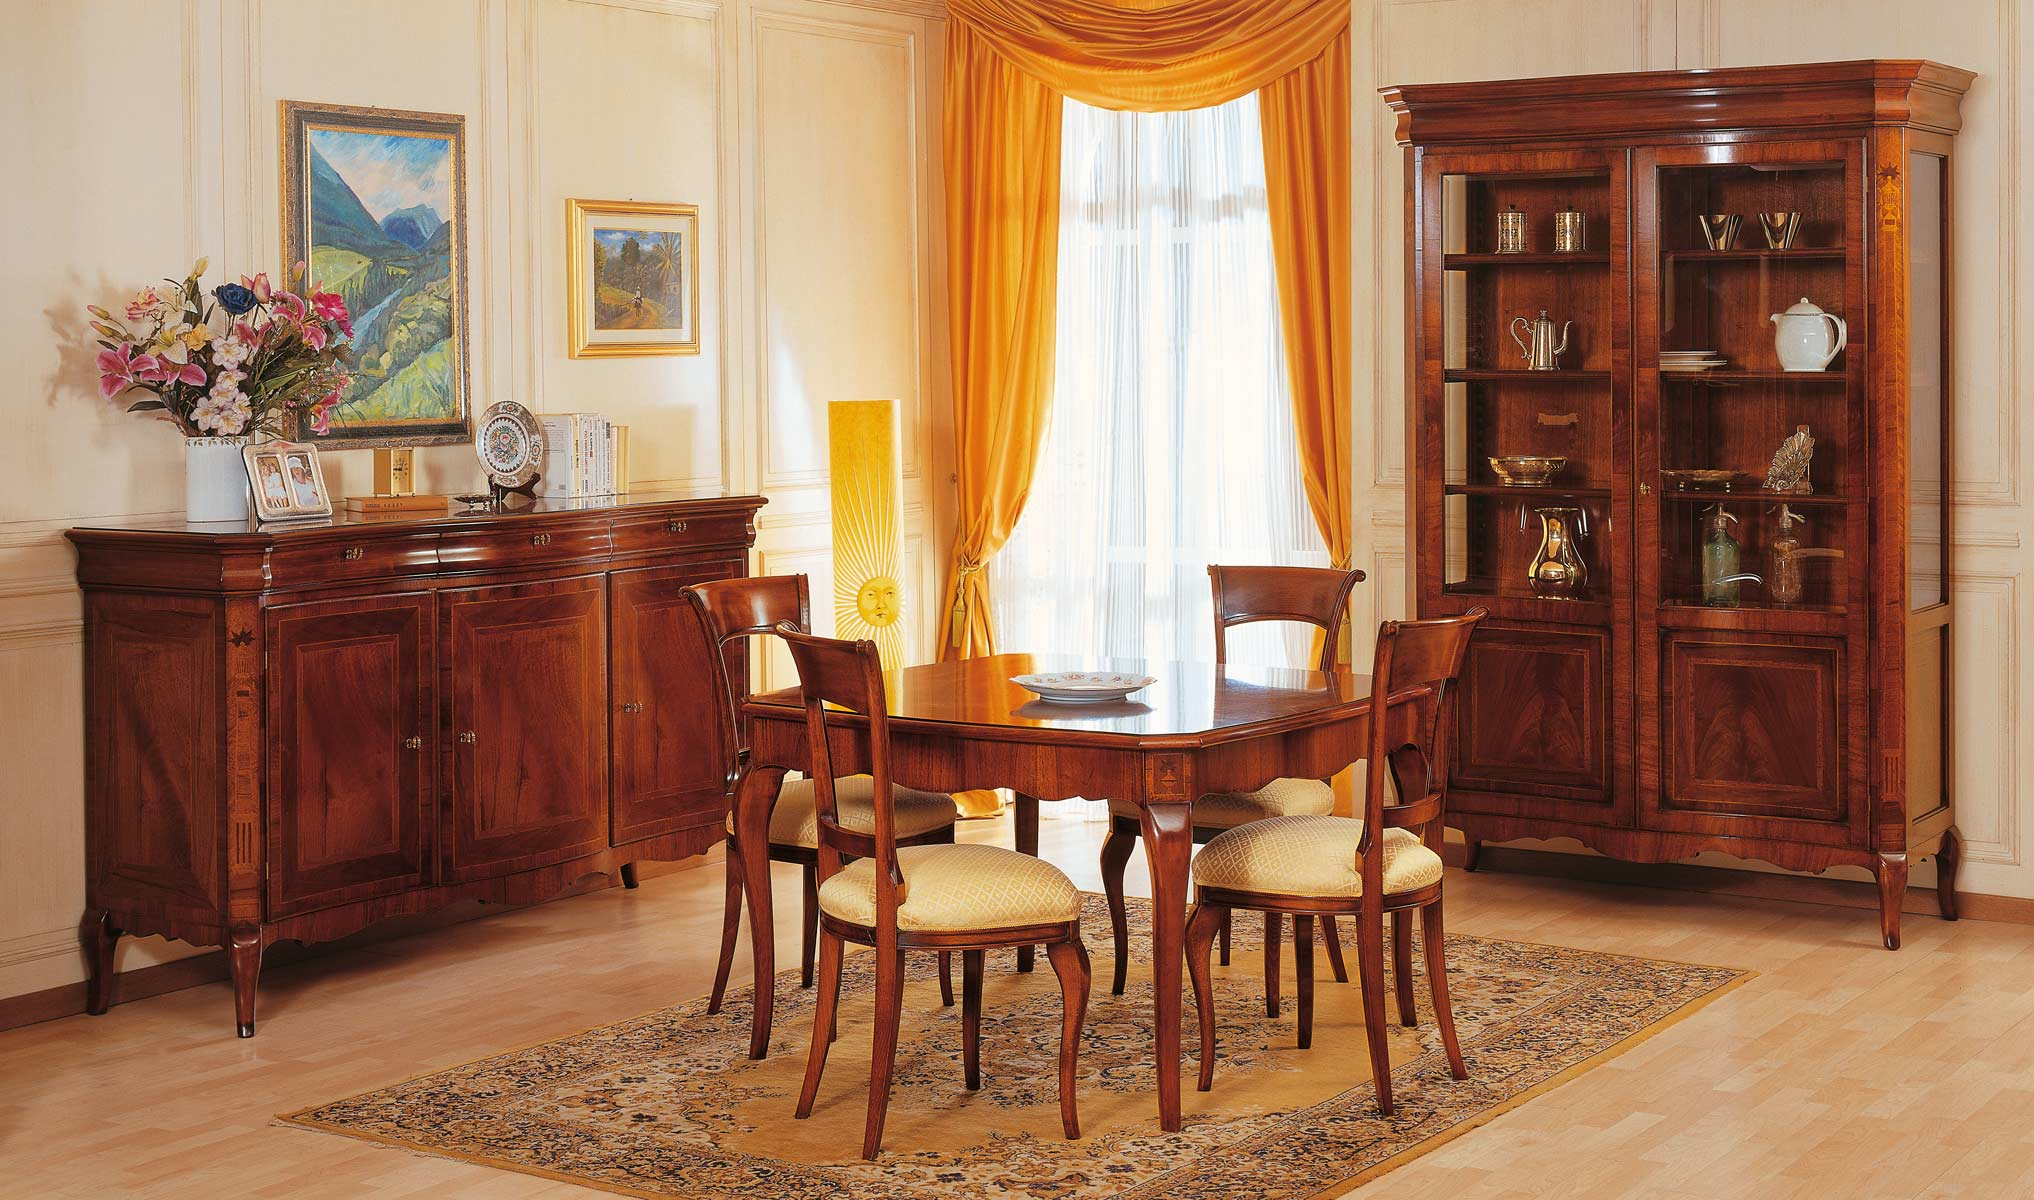 Sala da pranzo in stile 800 francese vimercati meda for Arredamenti sala da pranzo